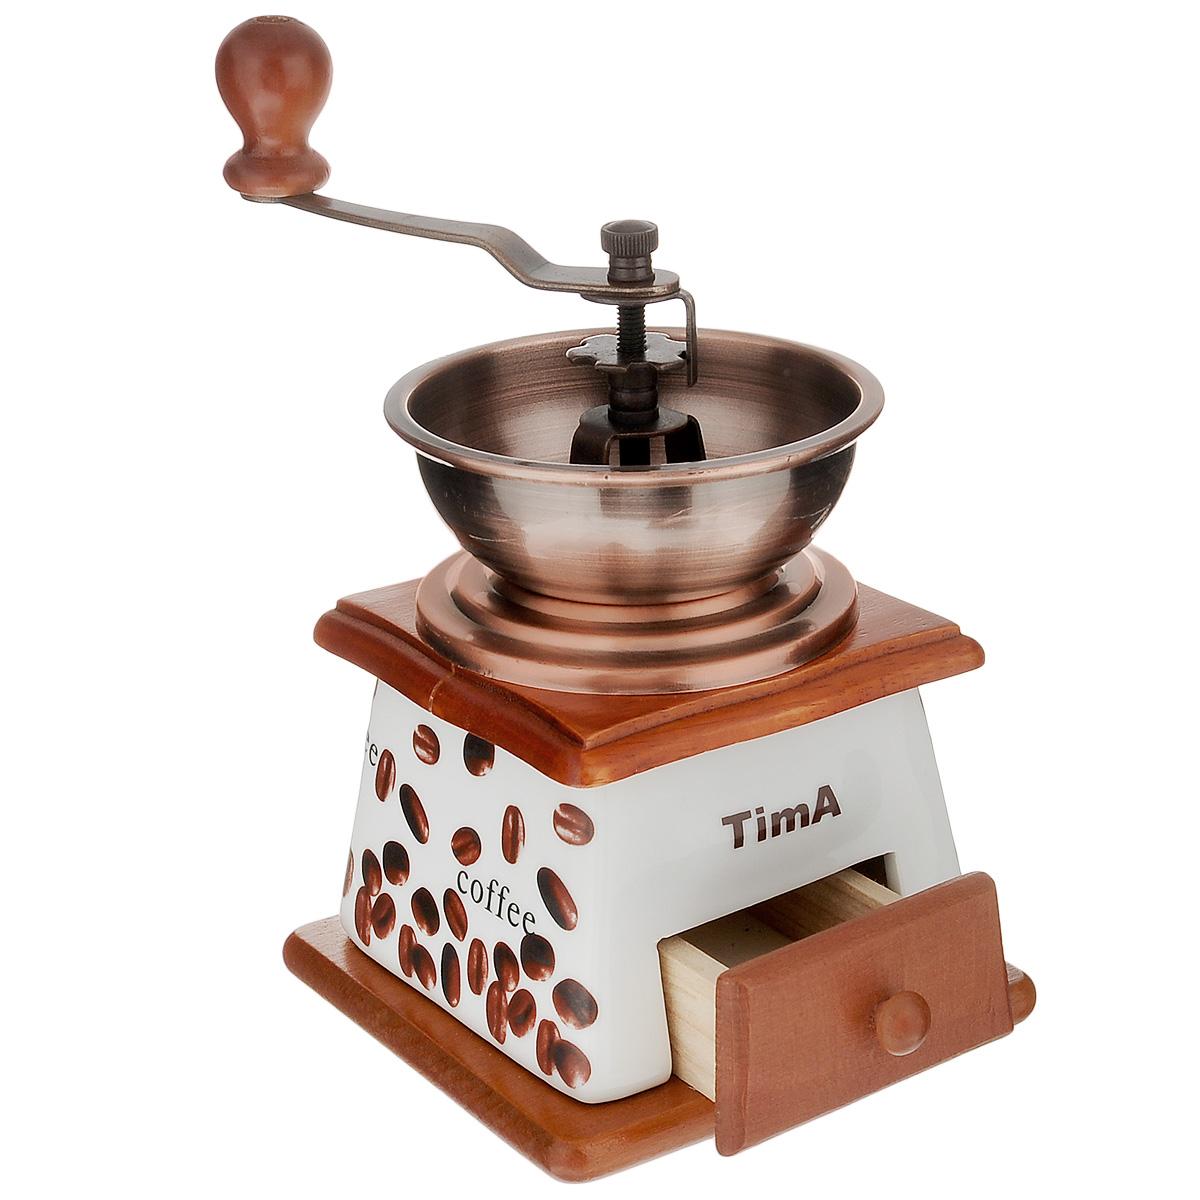 Кофемолка ручная TimA. SL-073SL-073Ручная кофемолка TimA, выполненная из дерева и керамики, украшенной изображением кофейных зерен, сочетает в себе эстетичность и функциональность. Она оснащена выдвижным деревянным ящичком для молотого кофе, металлической воронкой и удобной элегантной ручкой для помола. Изделие снабжено внутренним керамическим механизмом. Вы сможете регулировать степень помола от мелкого до крупного. Инструкция по регулировке степени помола имеется на упаковке изделия. Такая кофемолка станет незаменимым помощником на вашей кухне. Высота кофемолки: 16,5 см. Размер основания кофемолки: 11,5 см х 11,5 см.